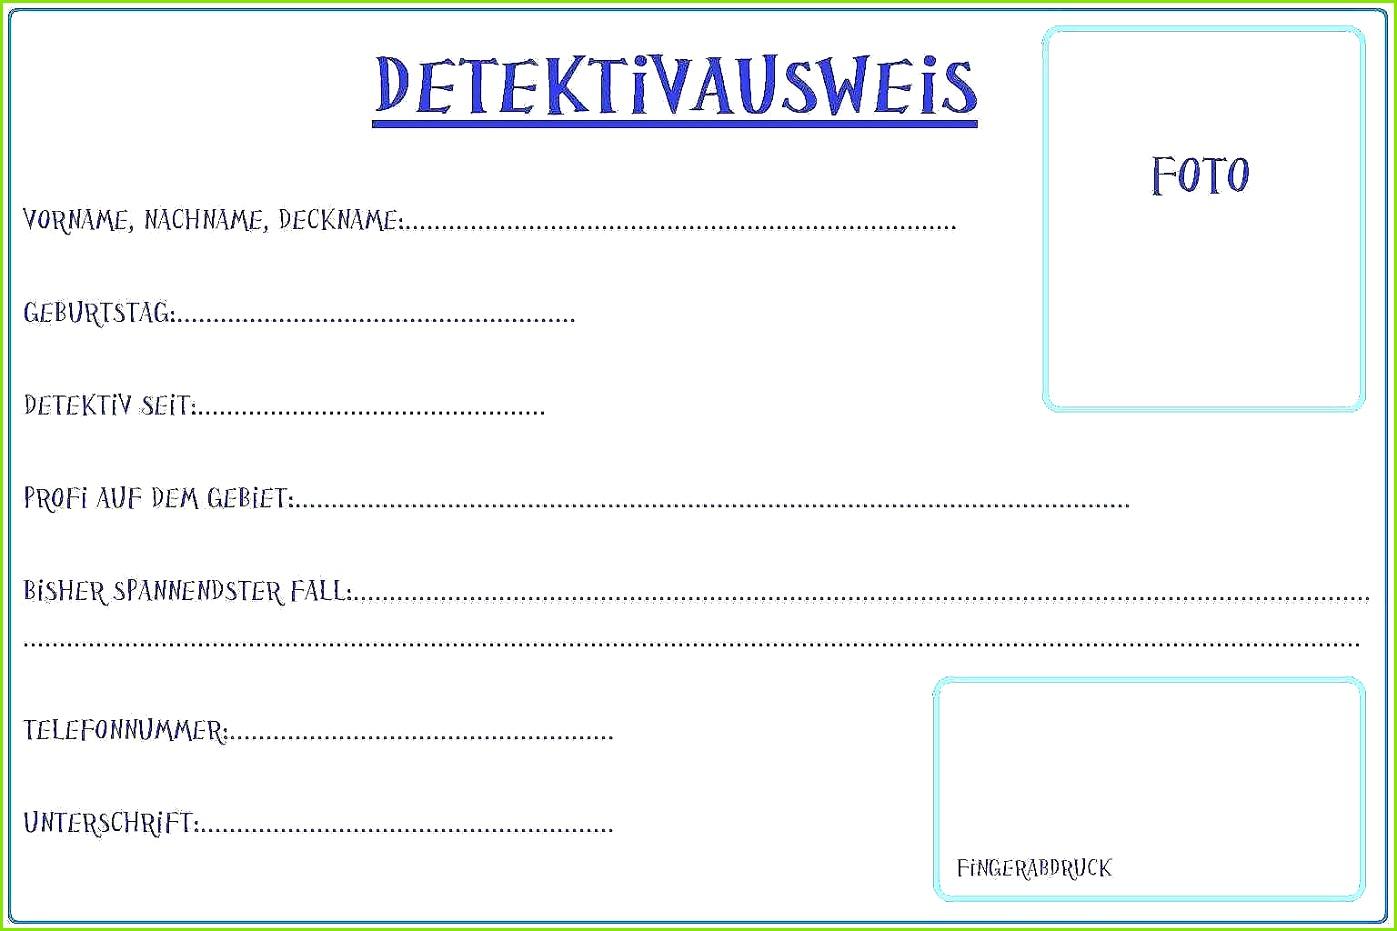 6 schnitzeljagd vorlage pdf bewundernswerte detektivausweis vorlage pdf schnitzeljagd vorlage pdf bewundernswerte detektivausweis vorlage